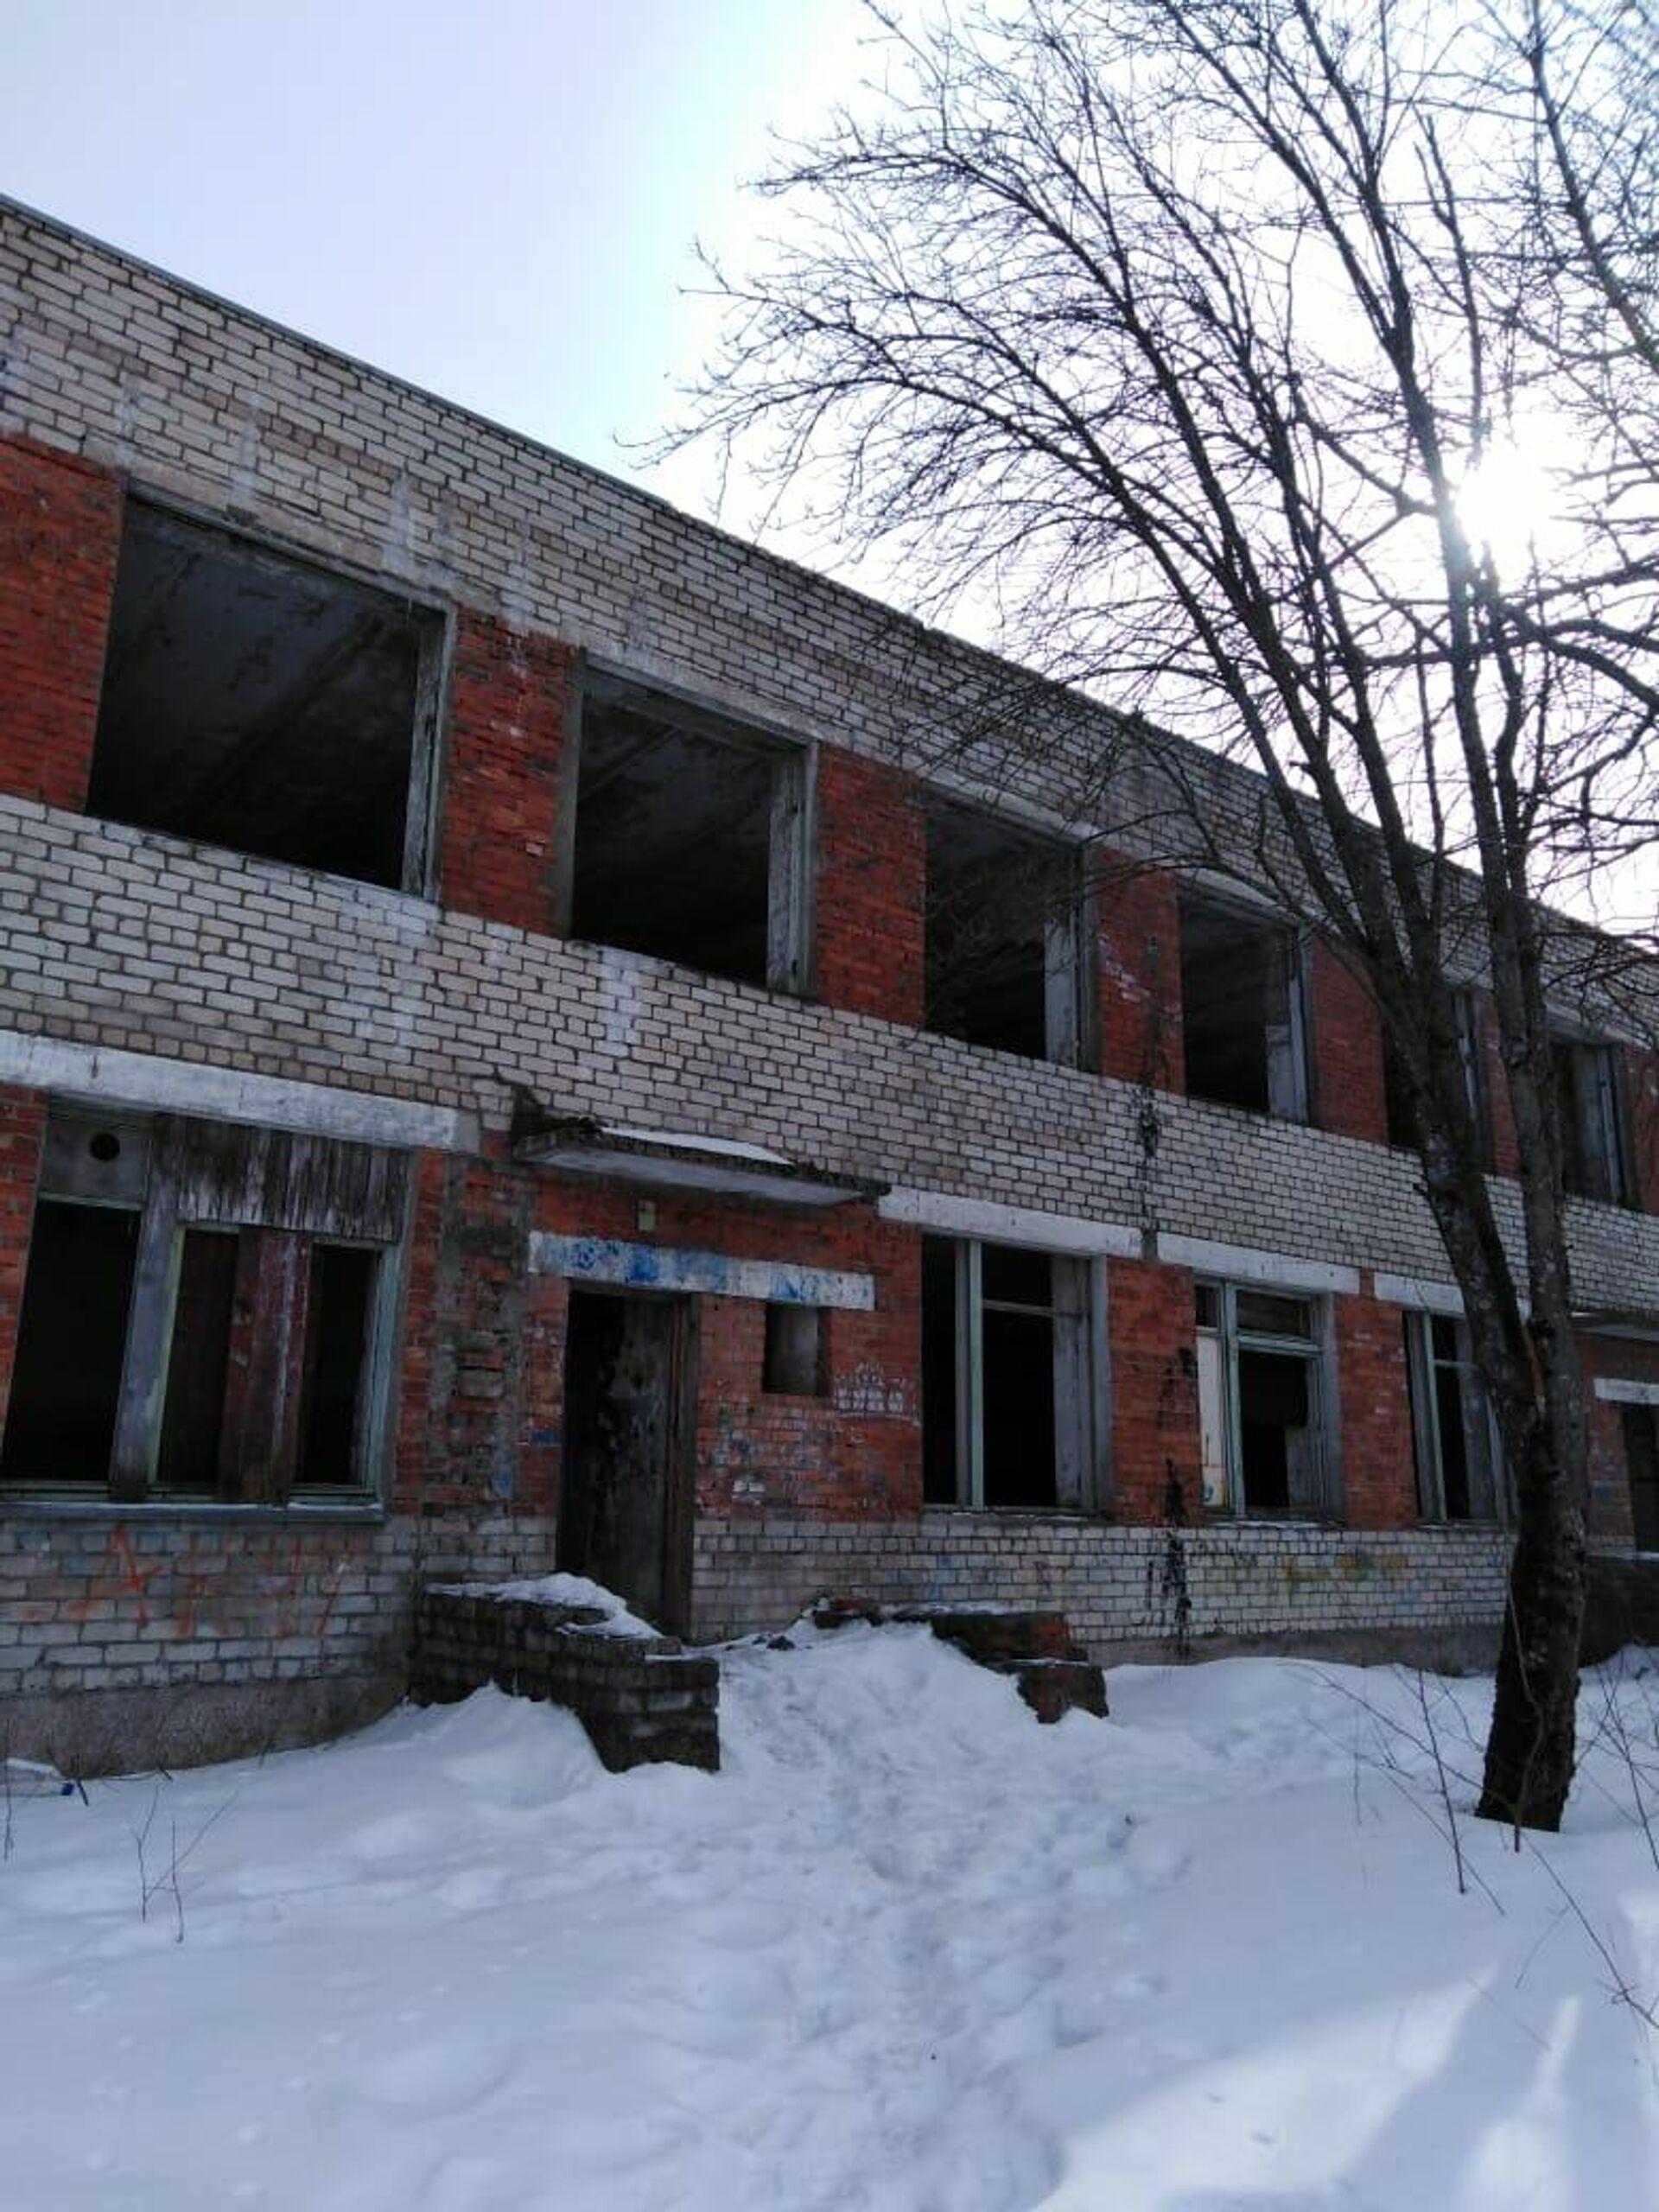 Двухэтажный детсад не могут продать даже на стройматериалы - РИА Новости, 1920, 11.03.2021